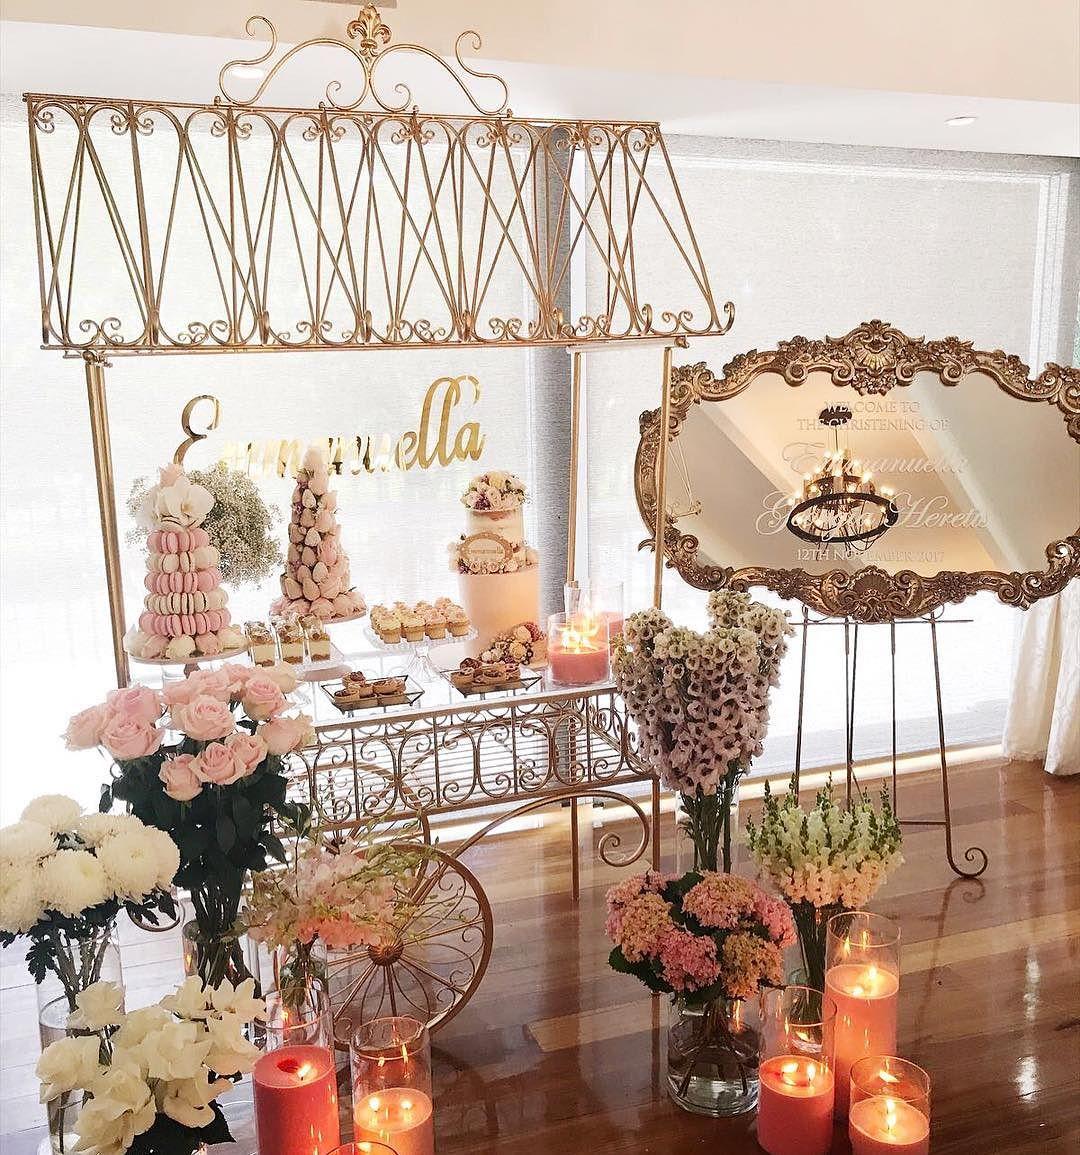 decoracion de carretas como mesa principal para fiestas (3)